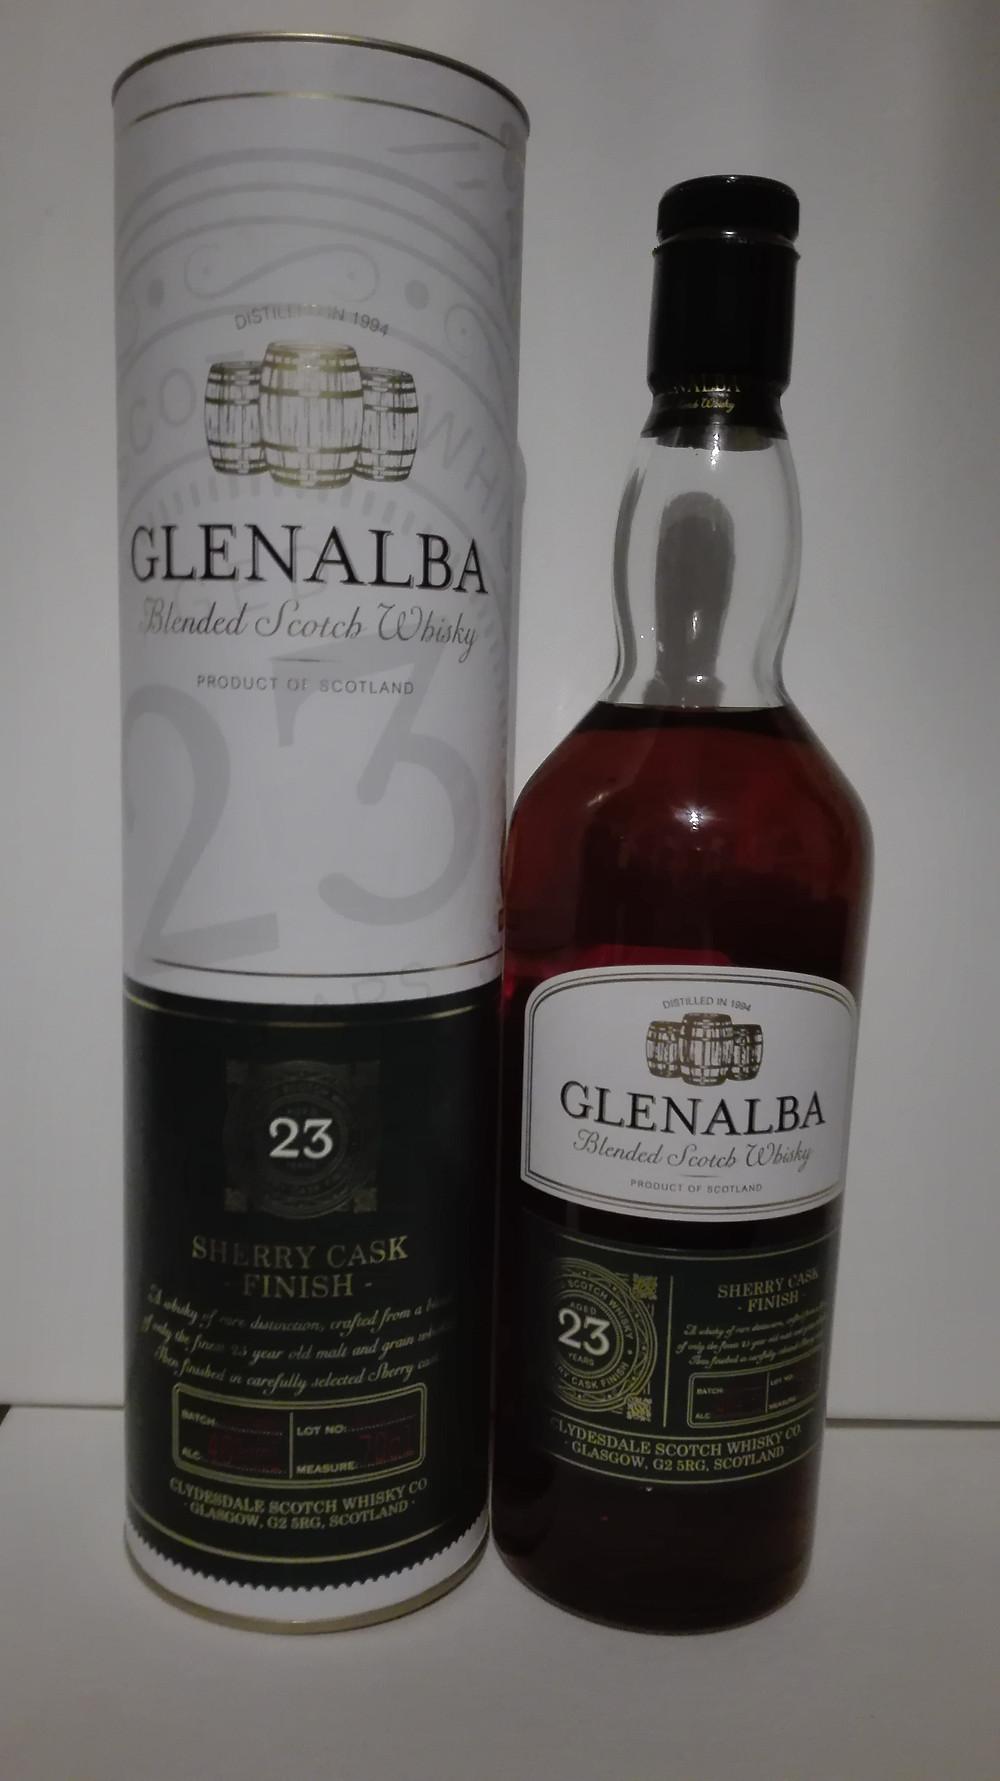 Glenalba, Glenalba 23, Glenalba 37, Lidl, Whisky, Blend, Tasting, Test